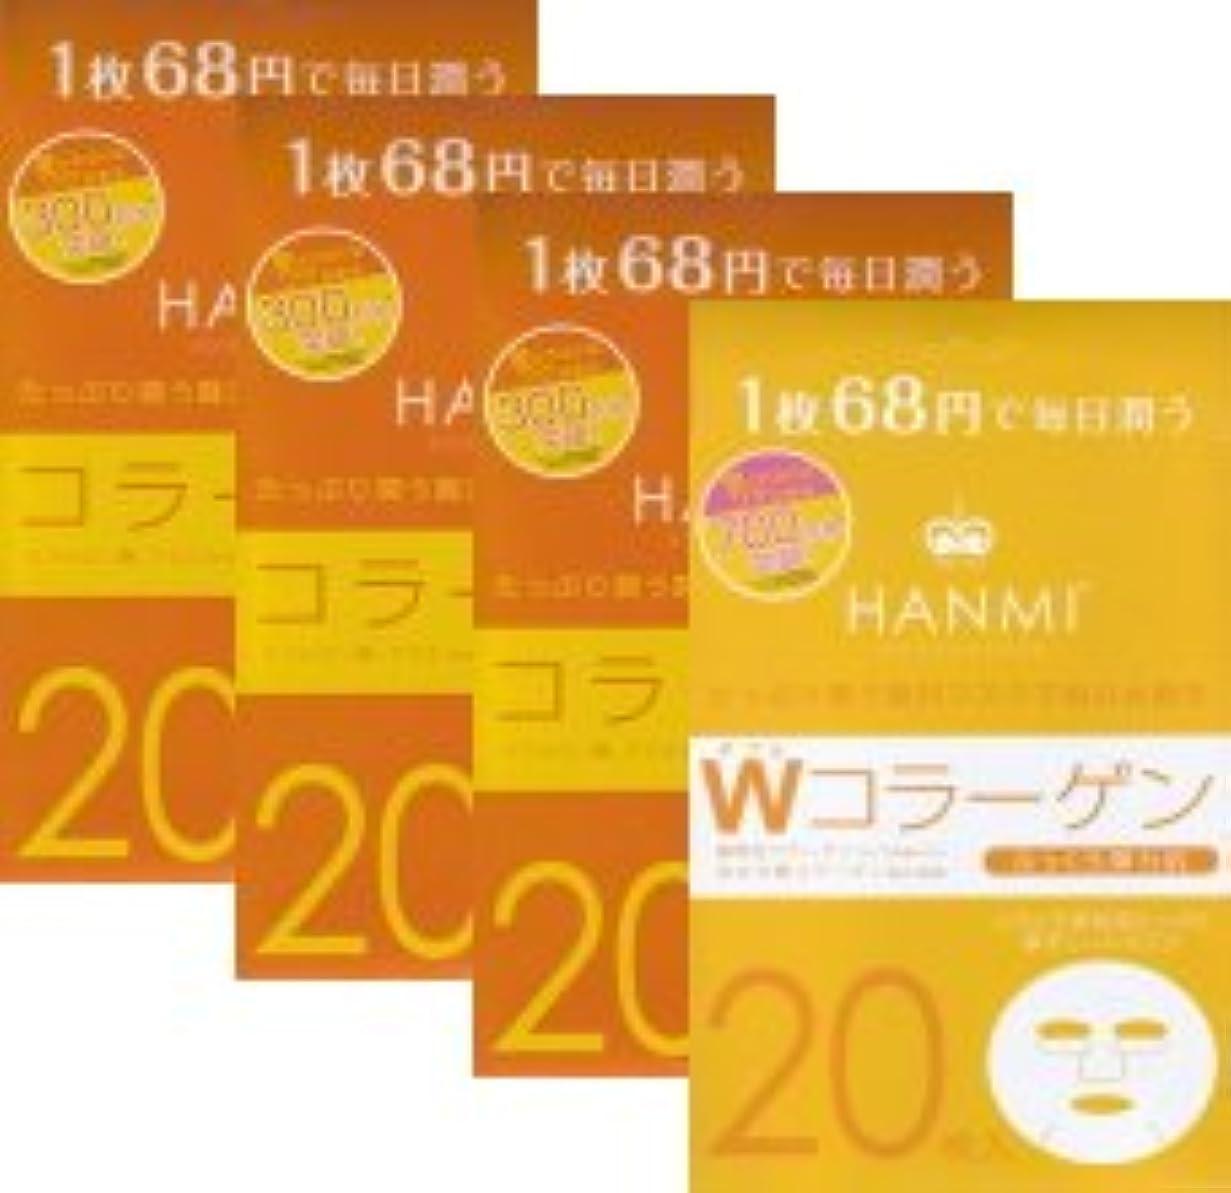 ドライブ原稿リゾートMIGAKI ハンミフェイスマスク(20枚入り)「コラーゲン×3個」「Wコラーゲン×1個」の4個セット